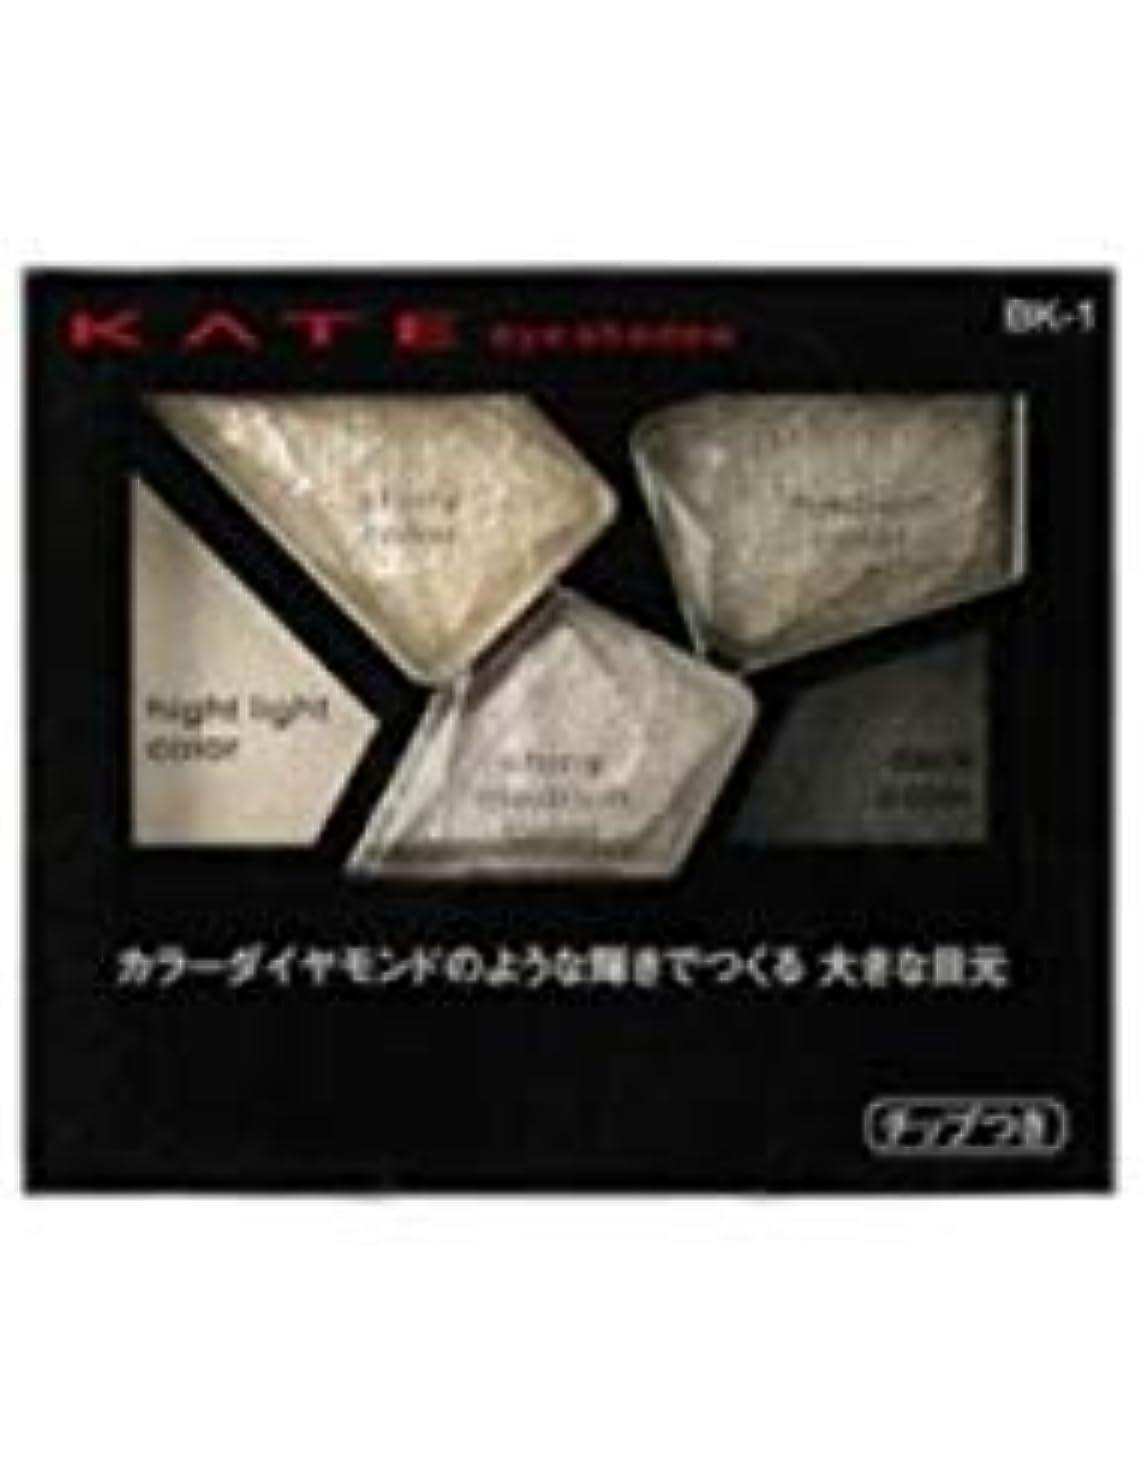 洞察力のある真向こう種類カネボウ(Kanebo) ケイト カラーシャスダイヤモンド<ブラック1>